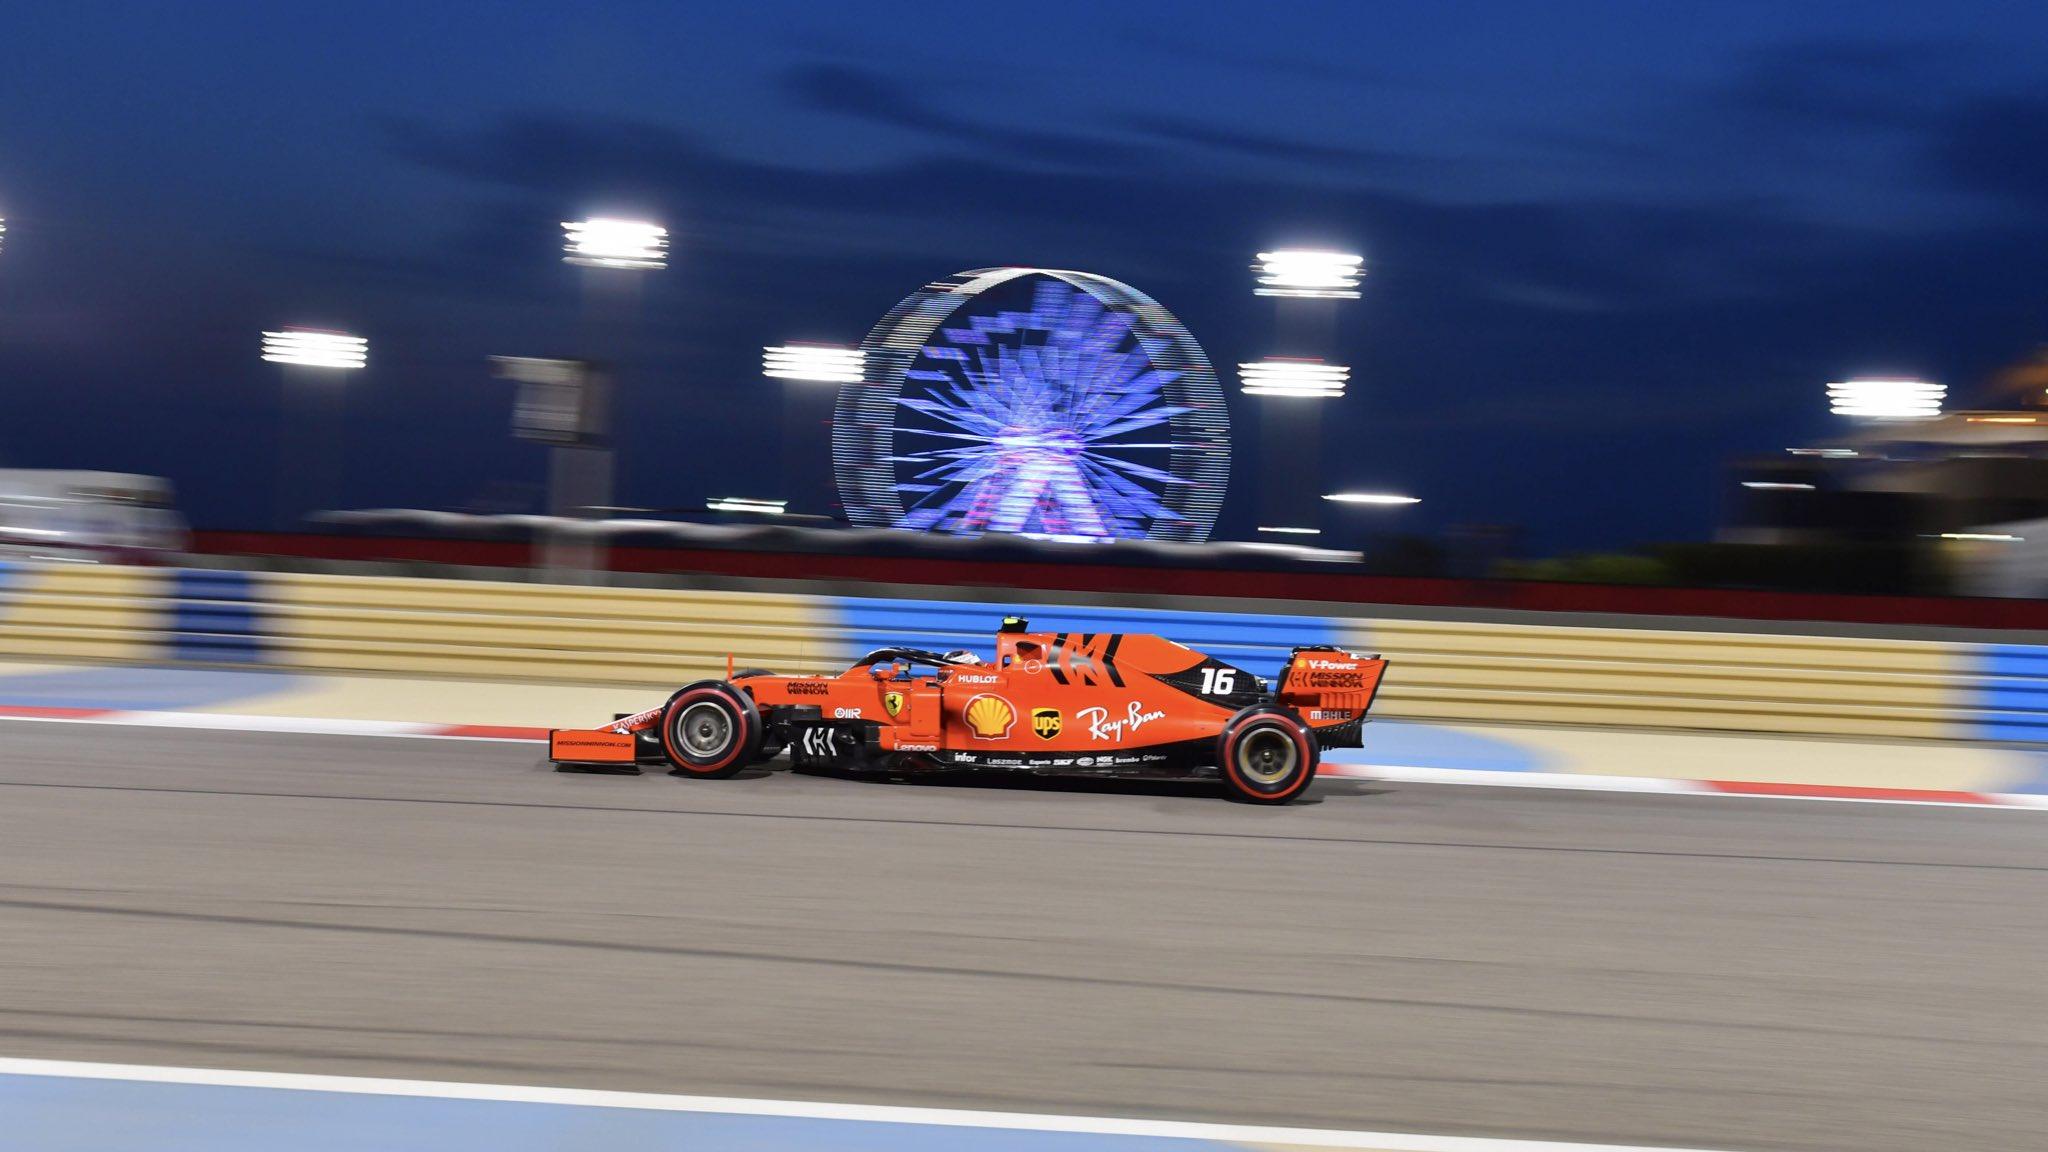 Шарль Леклер выигрывает квалификацию гран-при Бахрейна 2019 года